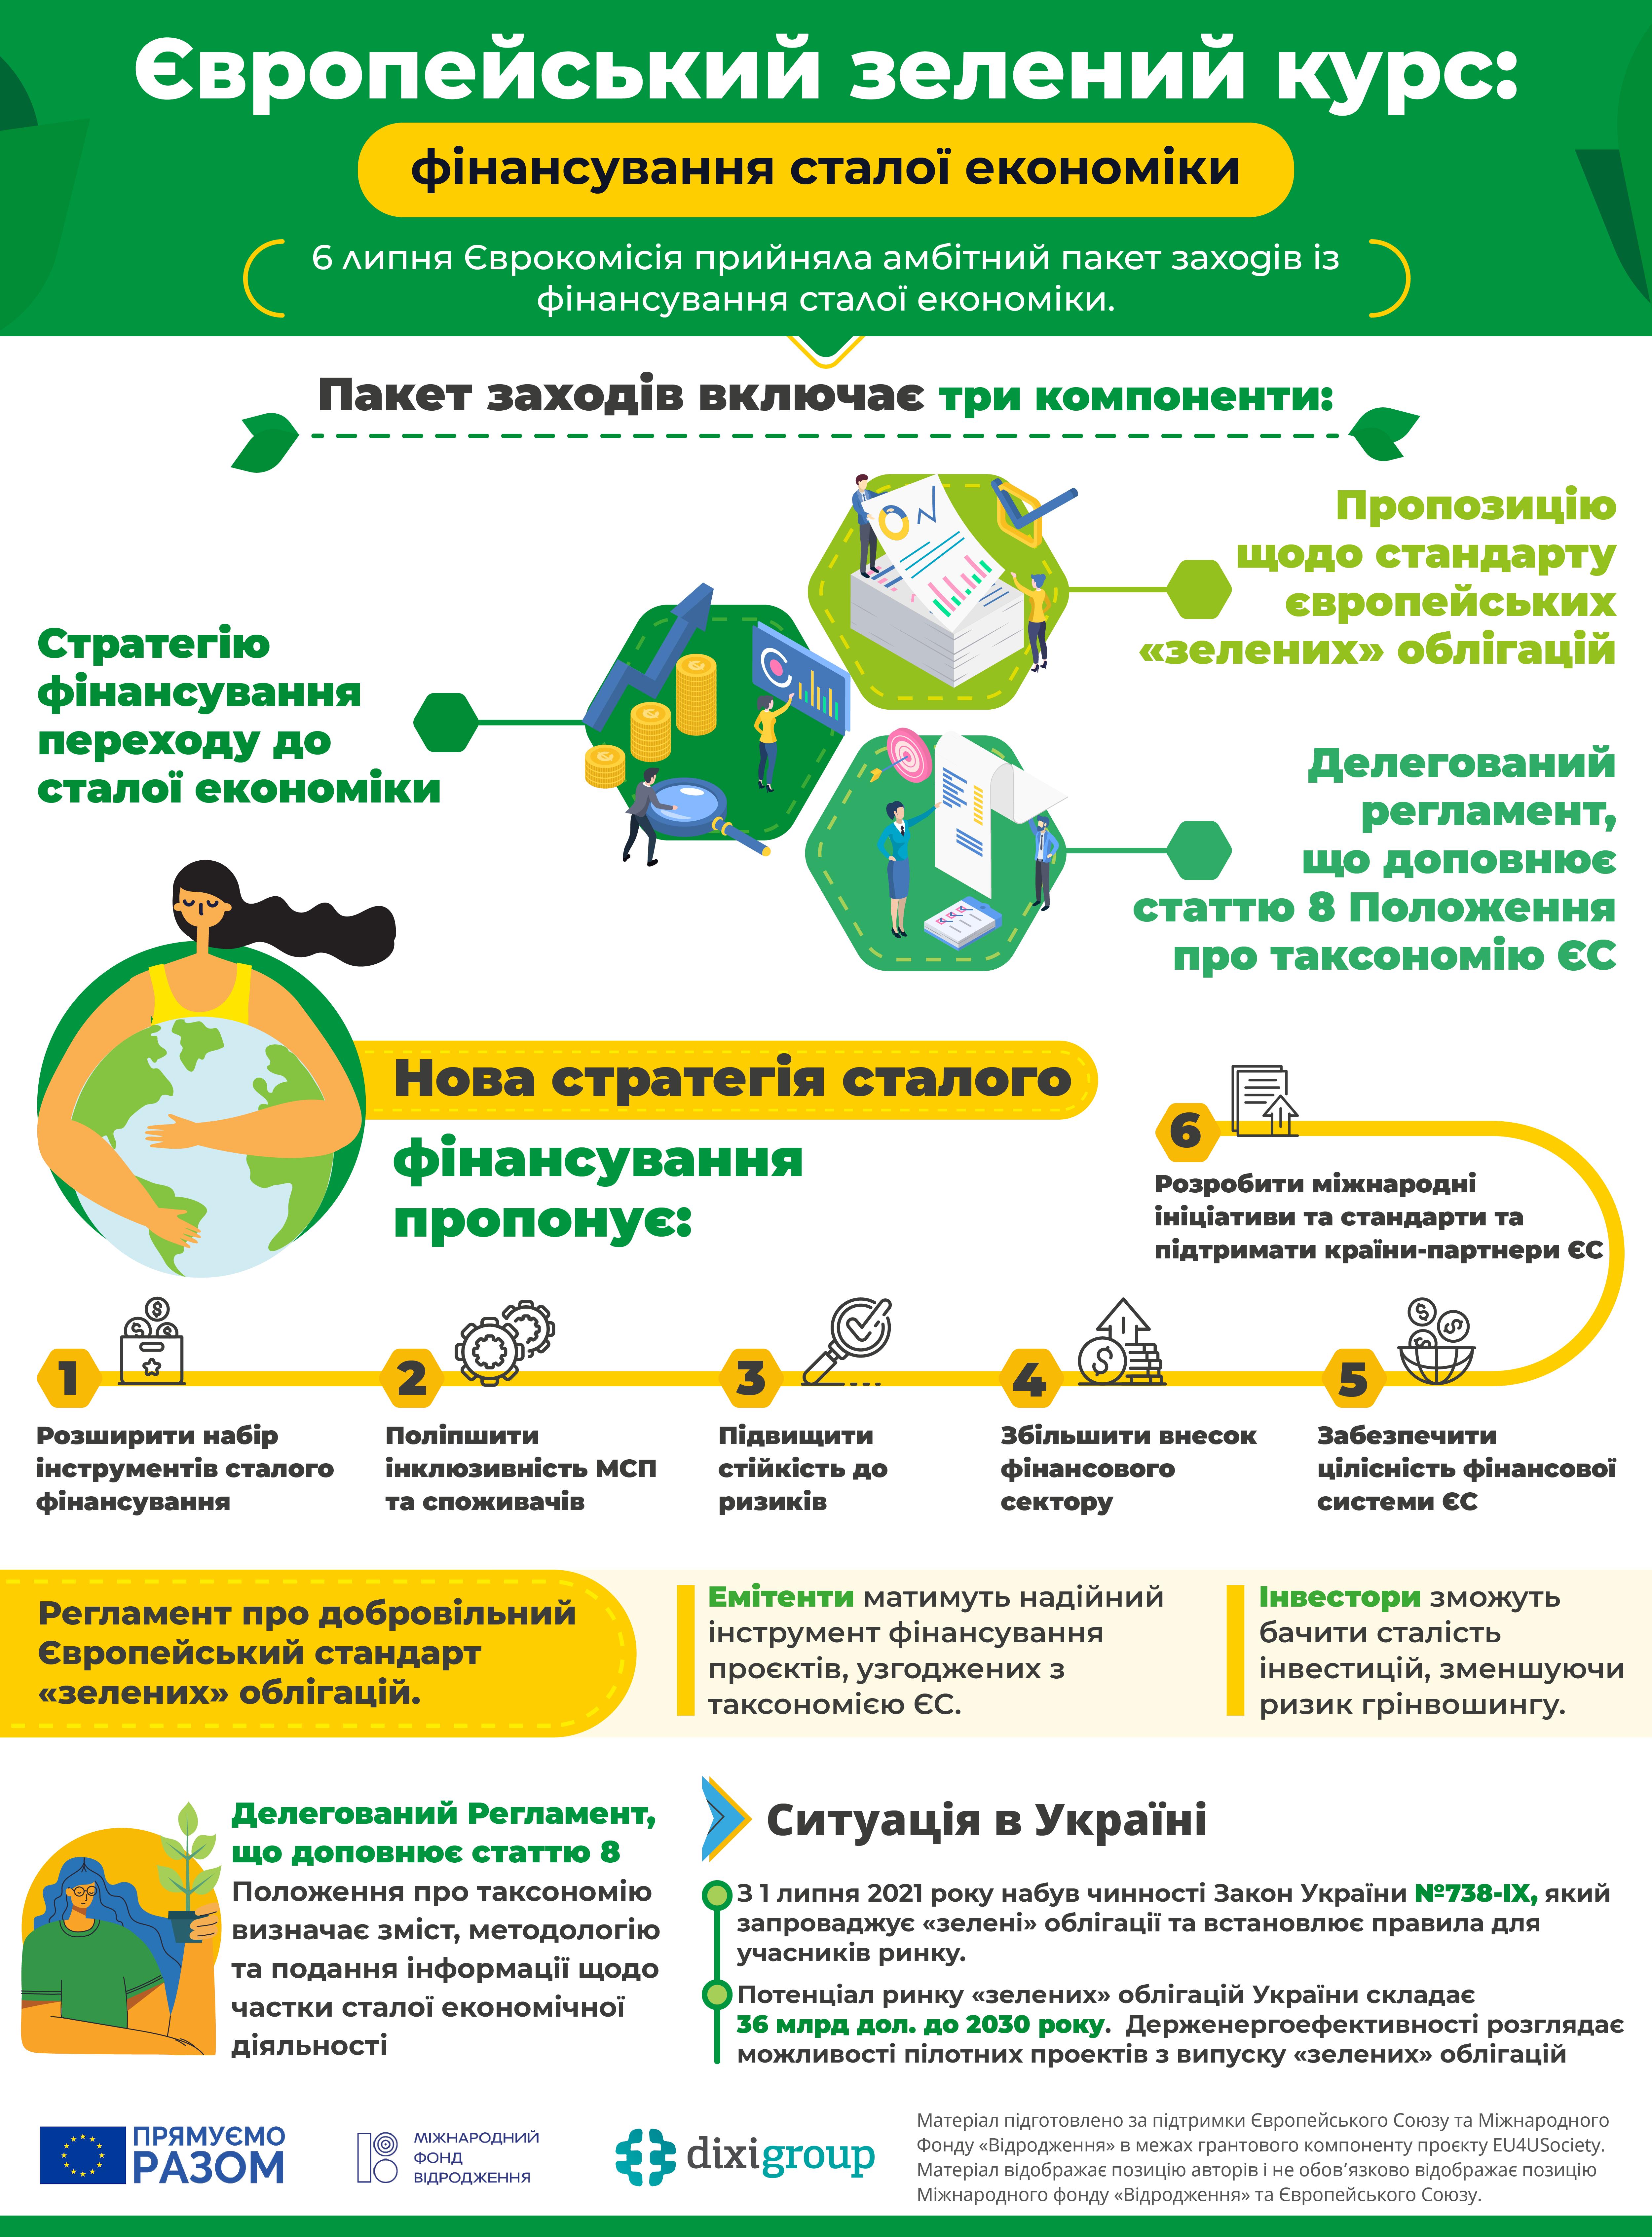 ЄЗК: фінансування сталої економіки (інфографіка)